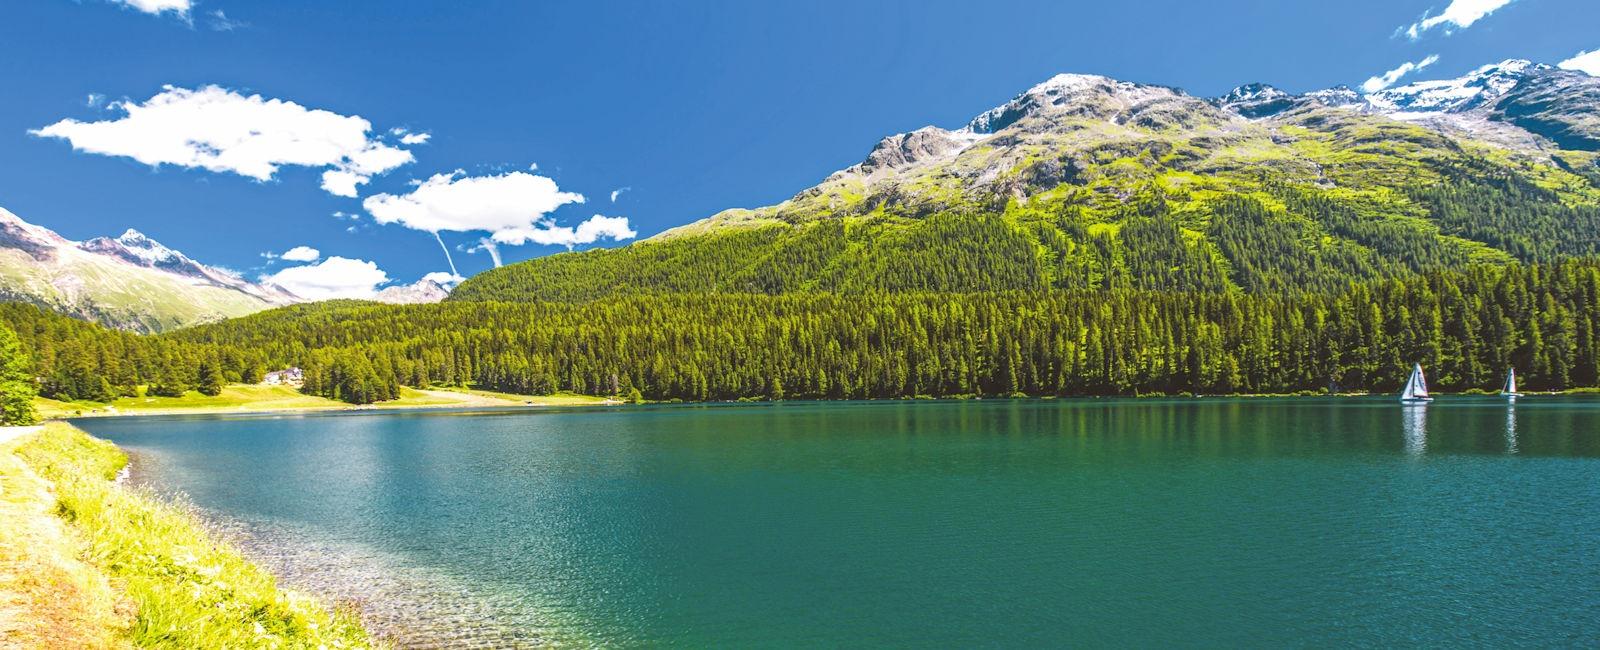 Luxury St Moritz holidays